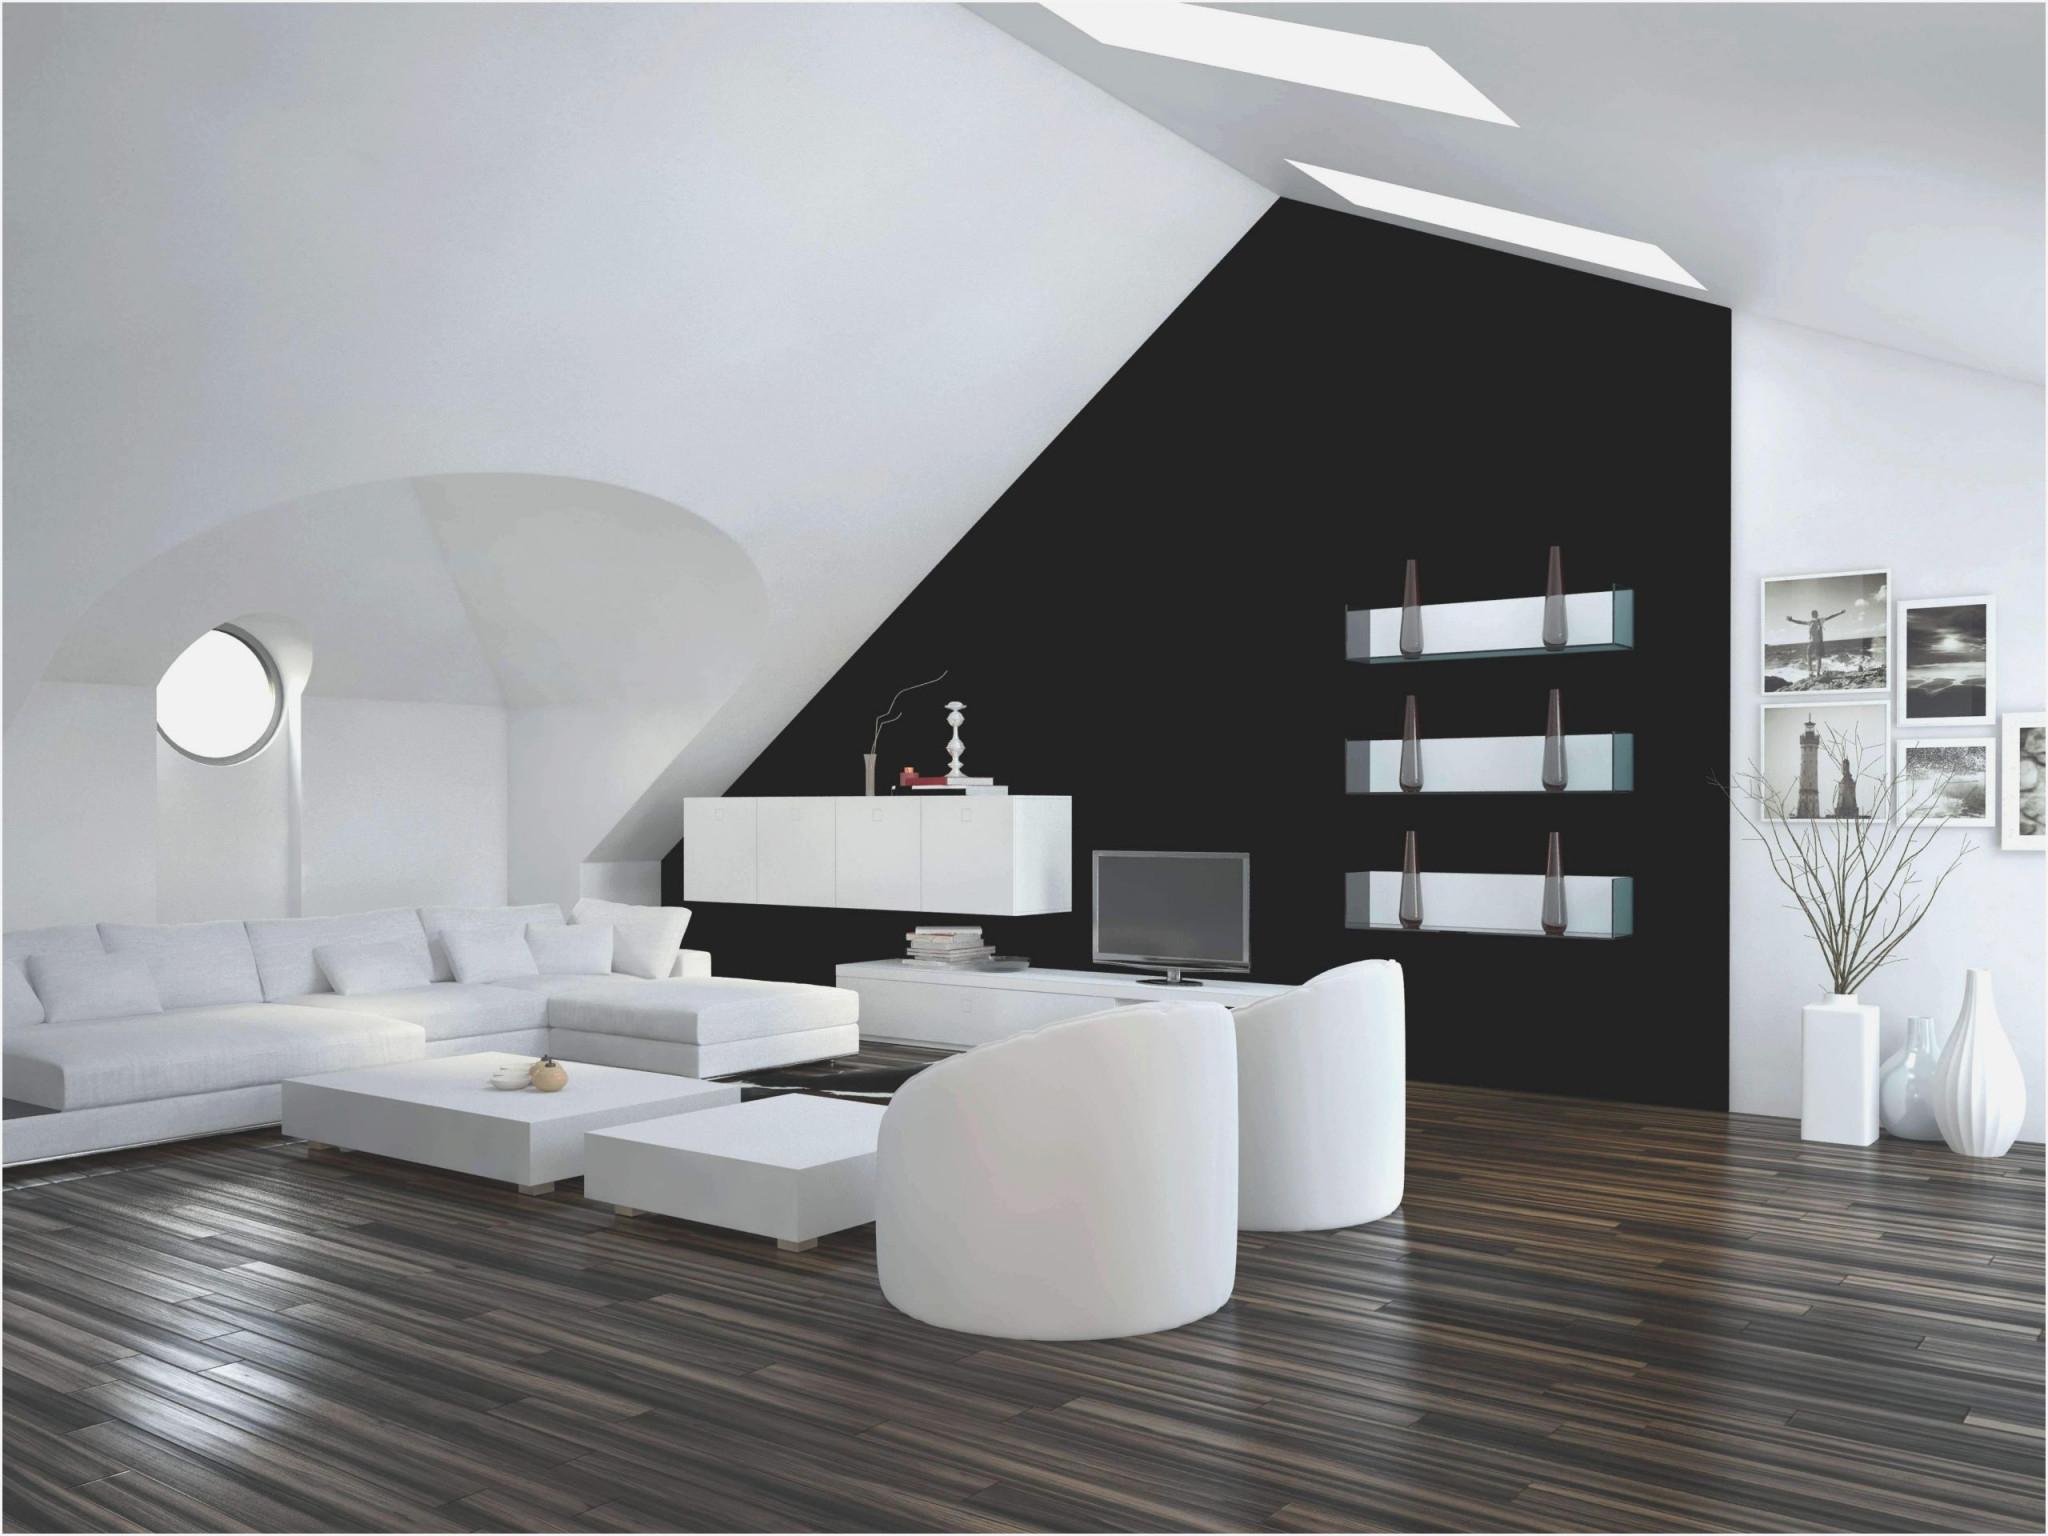 Exklusive Bilder Fr Wohnzimmer  Wohnzimmer  Traumhaus von Exklusive Bilder Für Wohnzimmer Bild